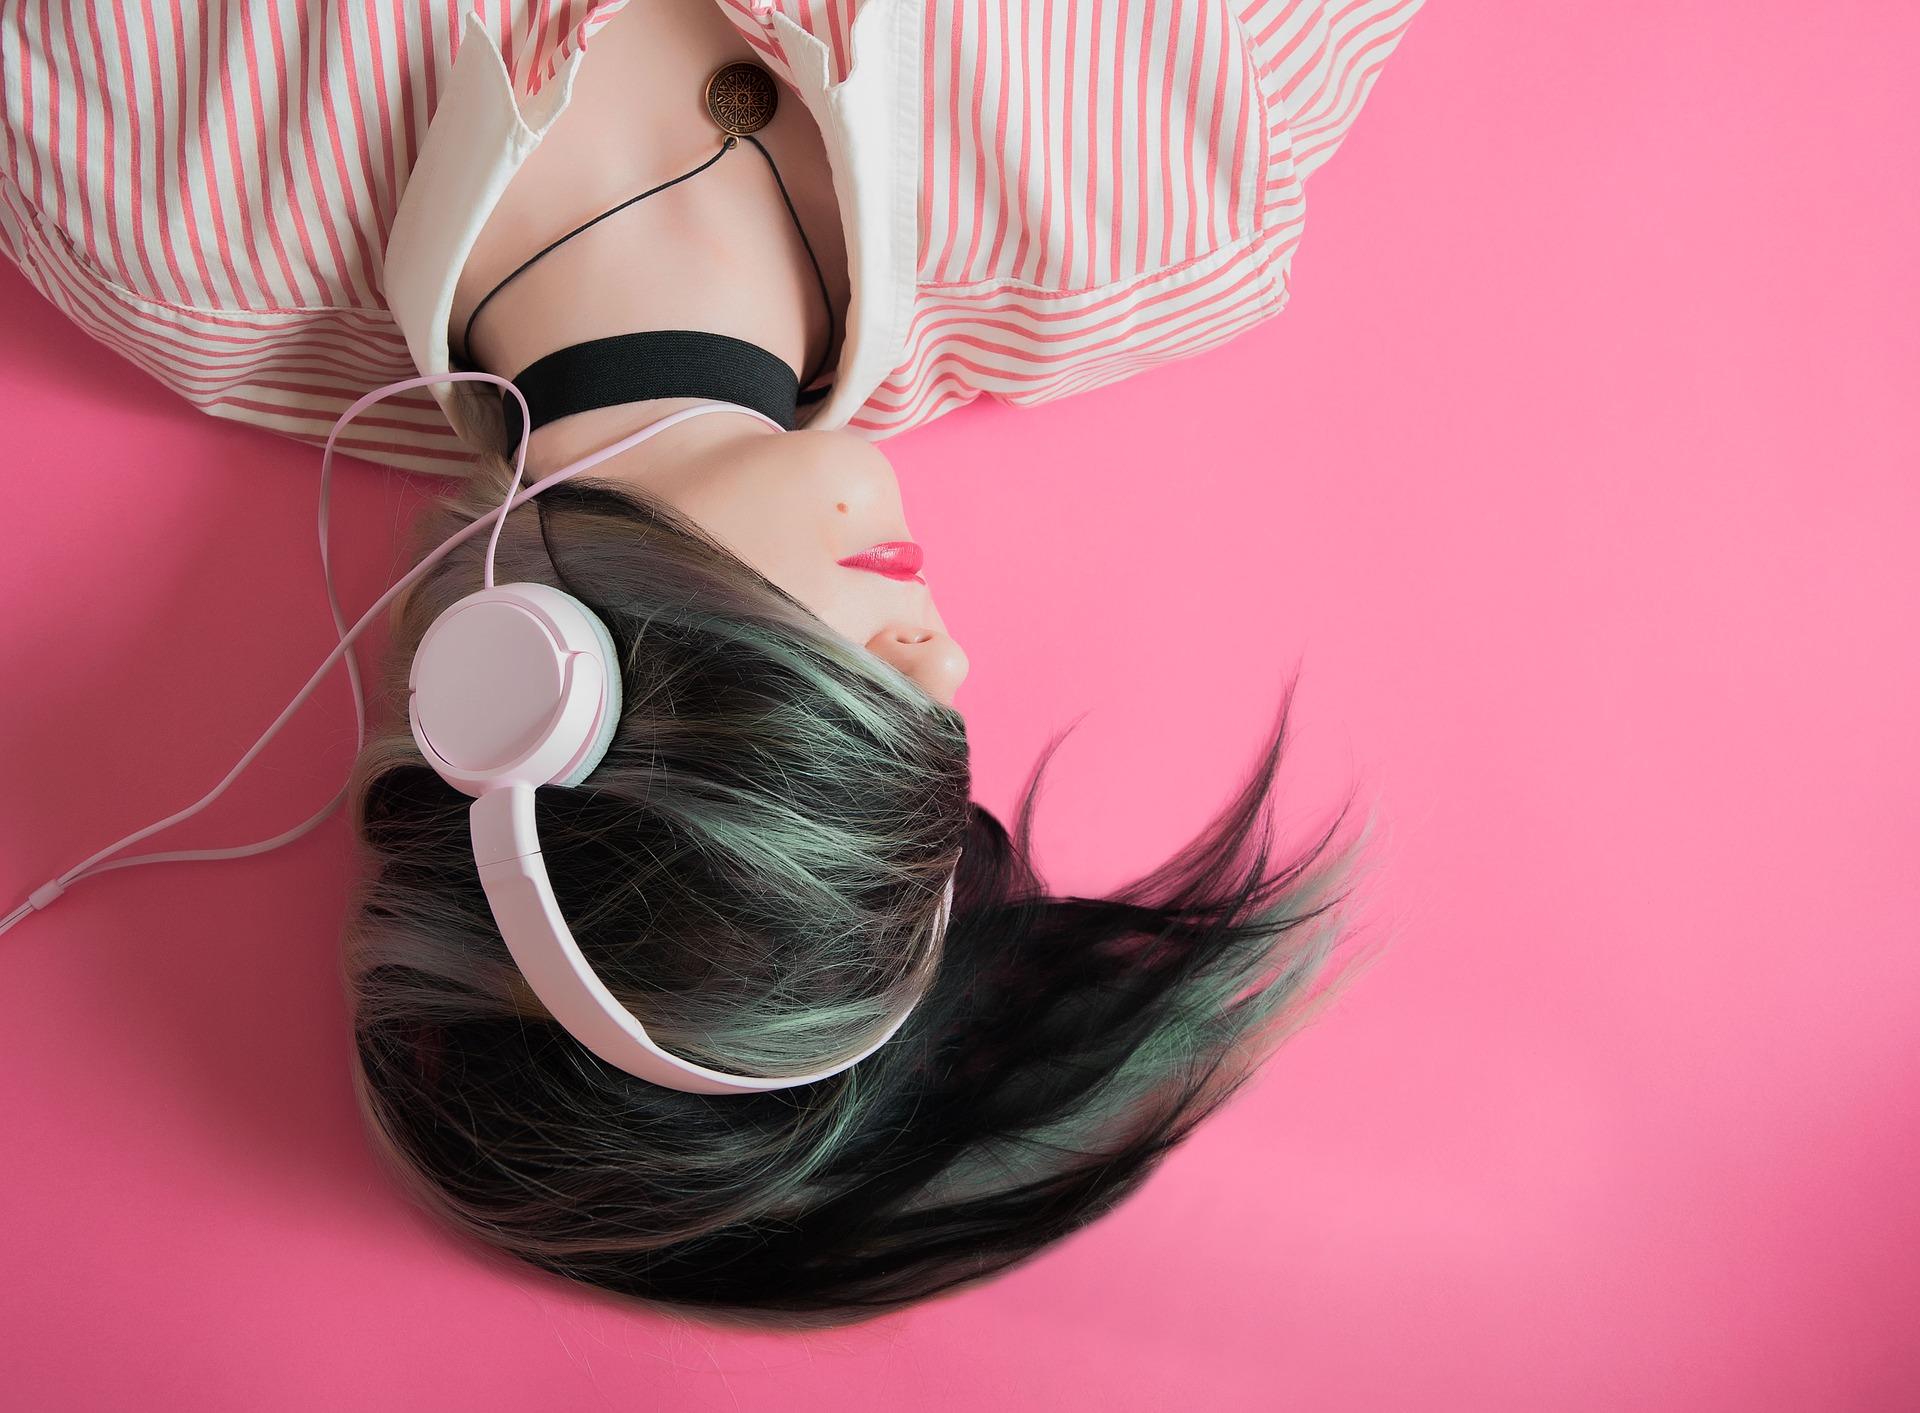 Kvinde hører musik i høretelefoner